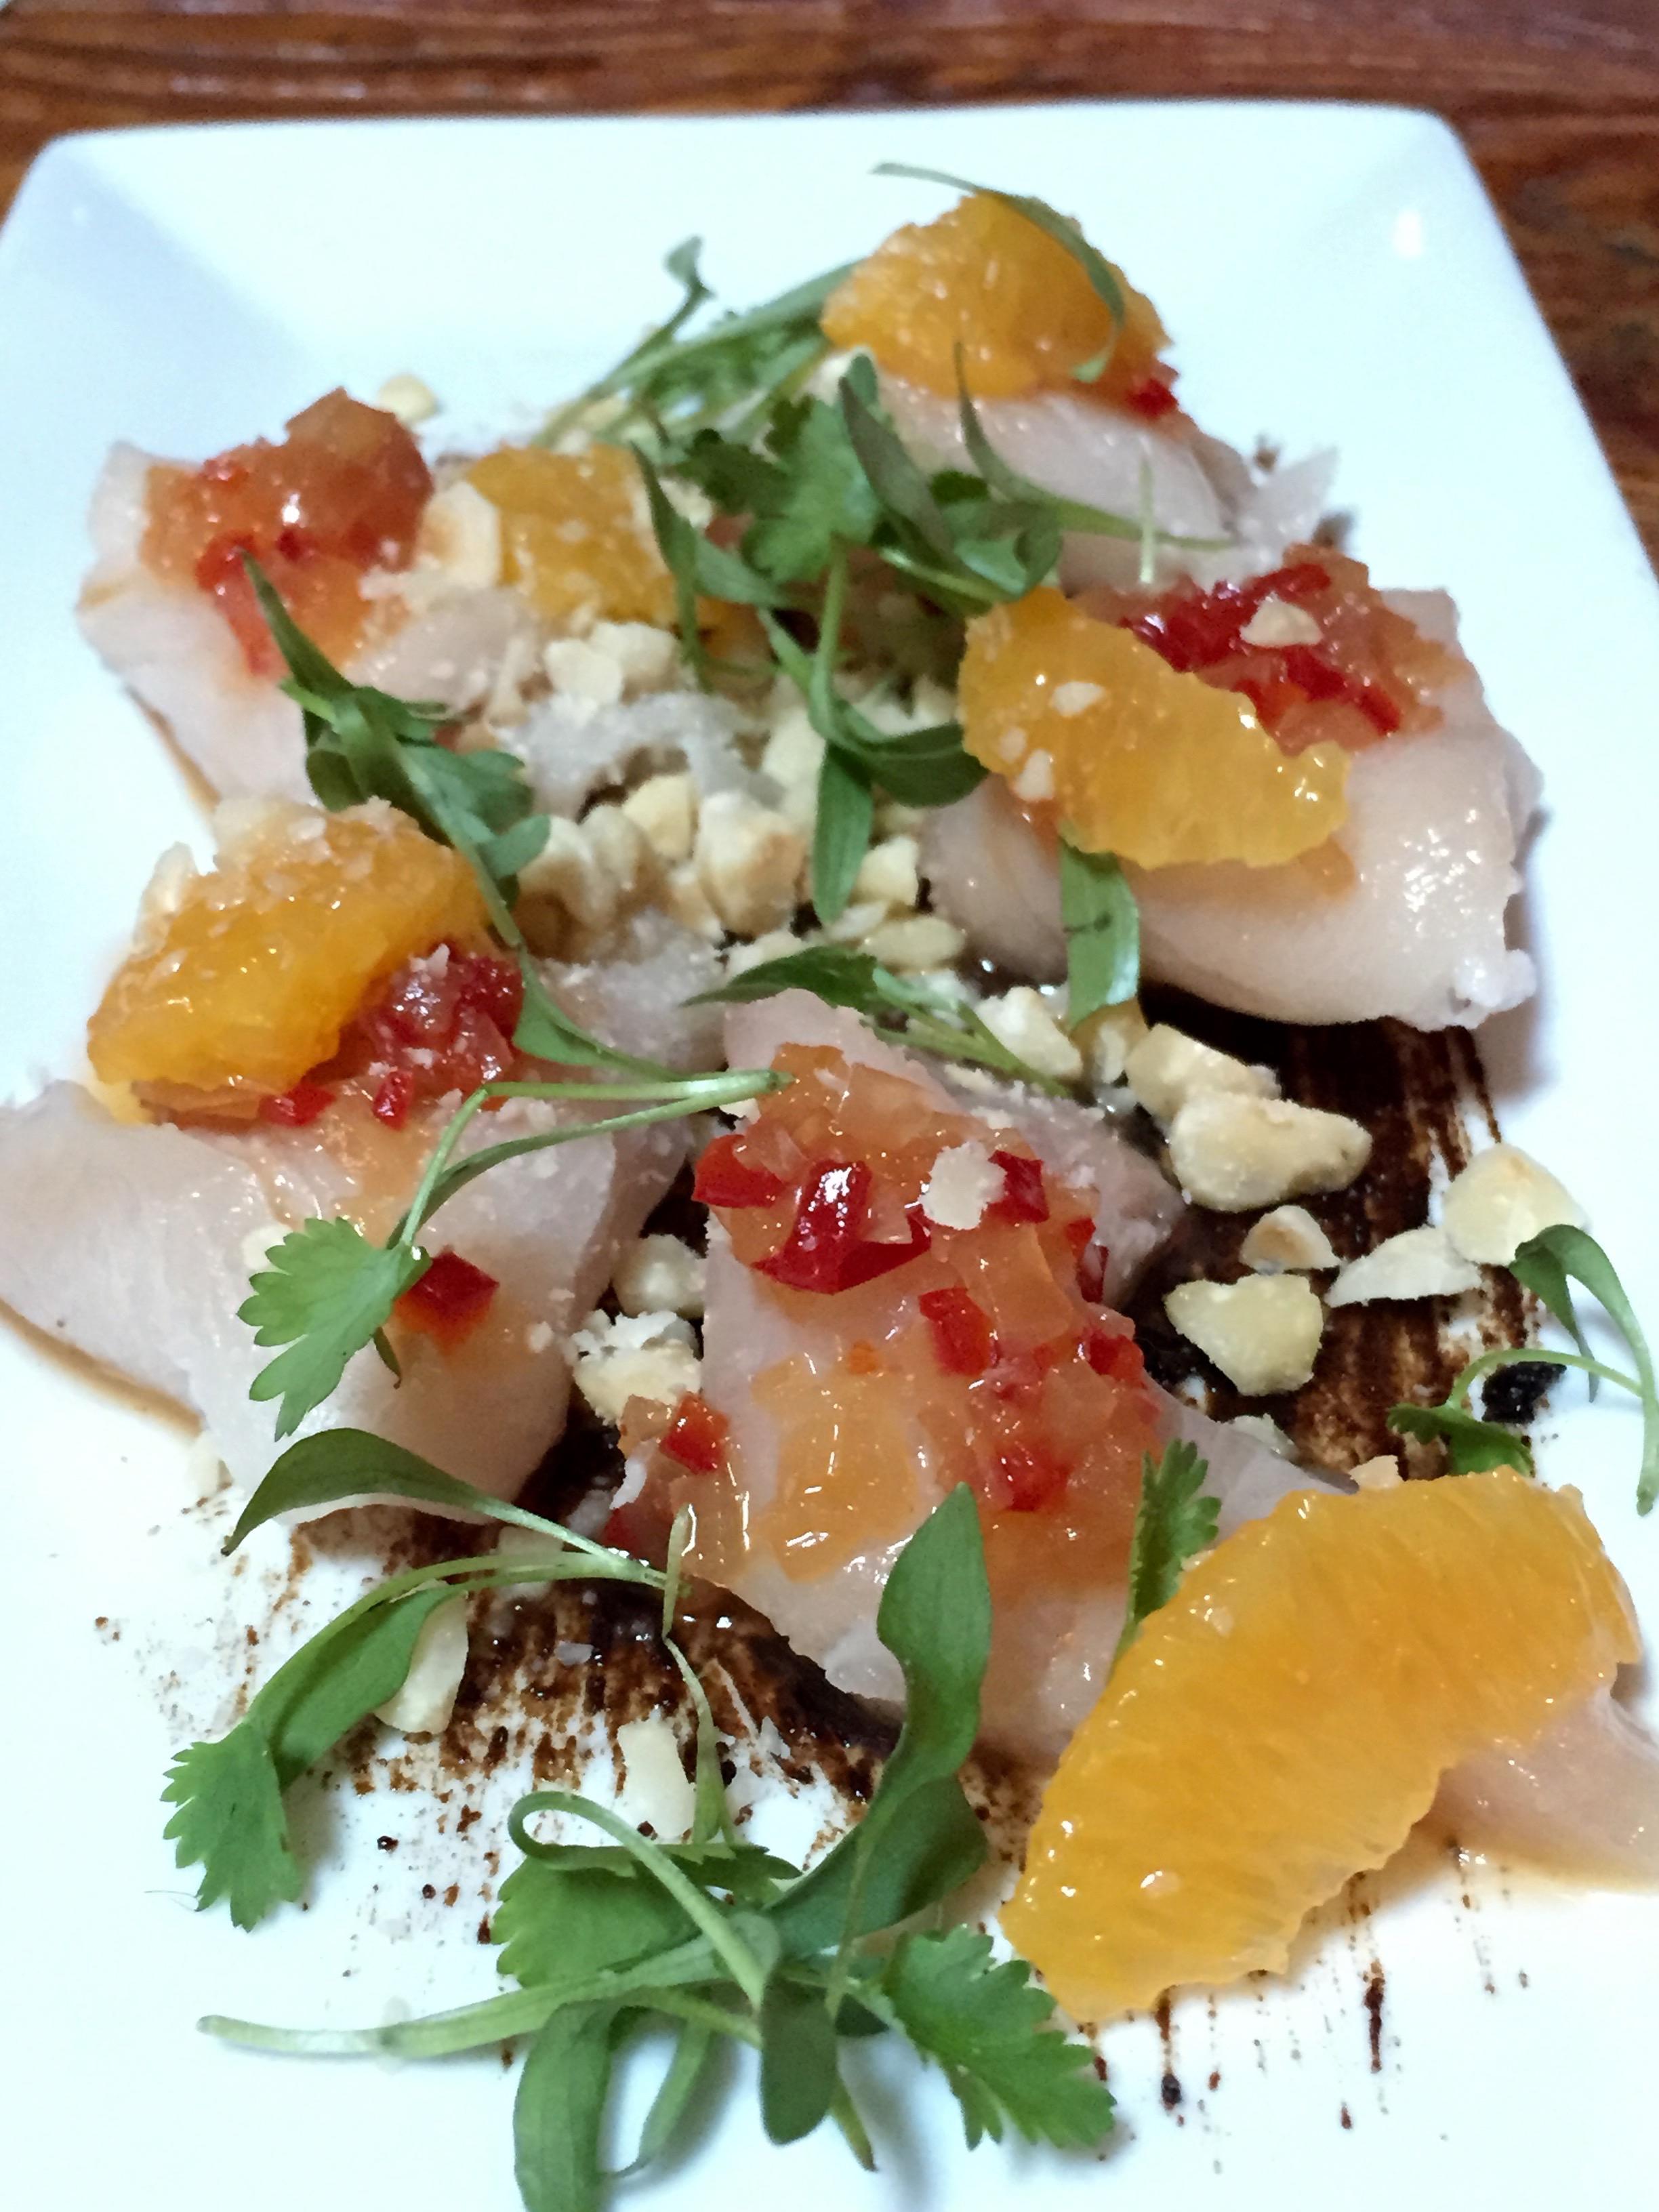 Hamachi with blood orange, black garlic, hazelnuts, cilantro and ginger vinaigrette.